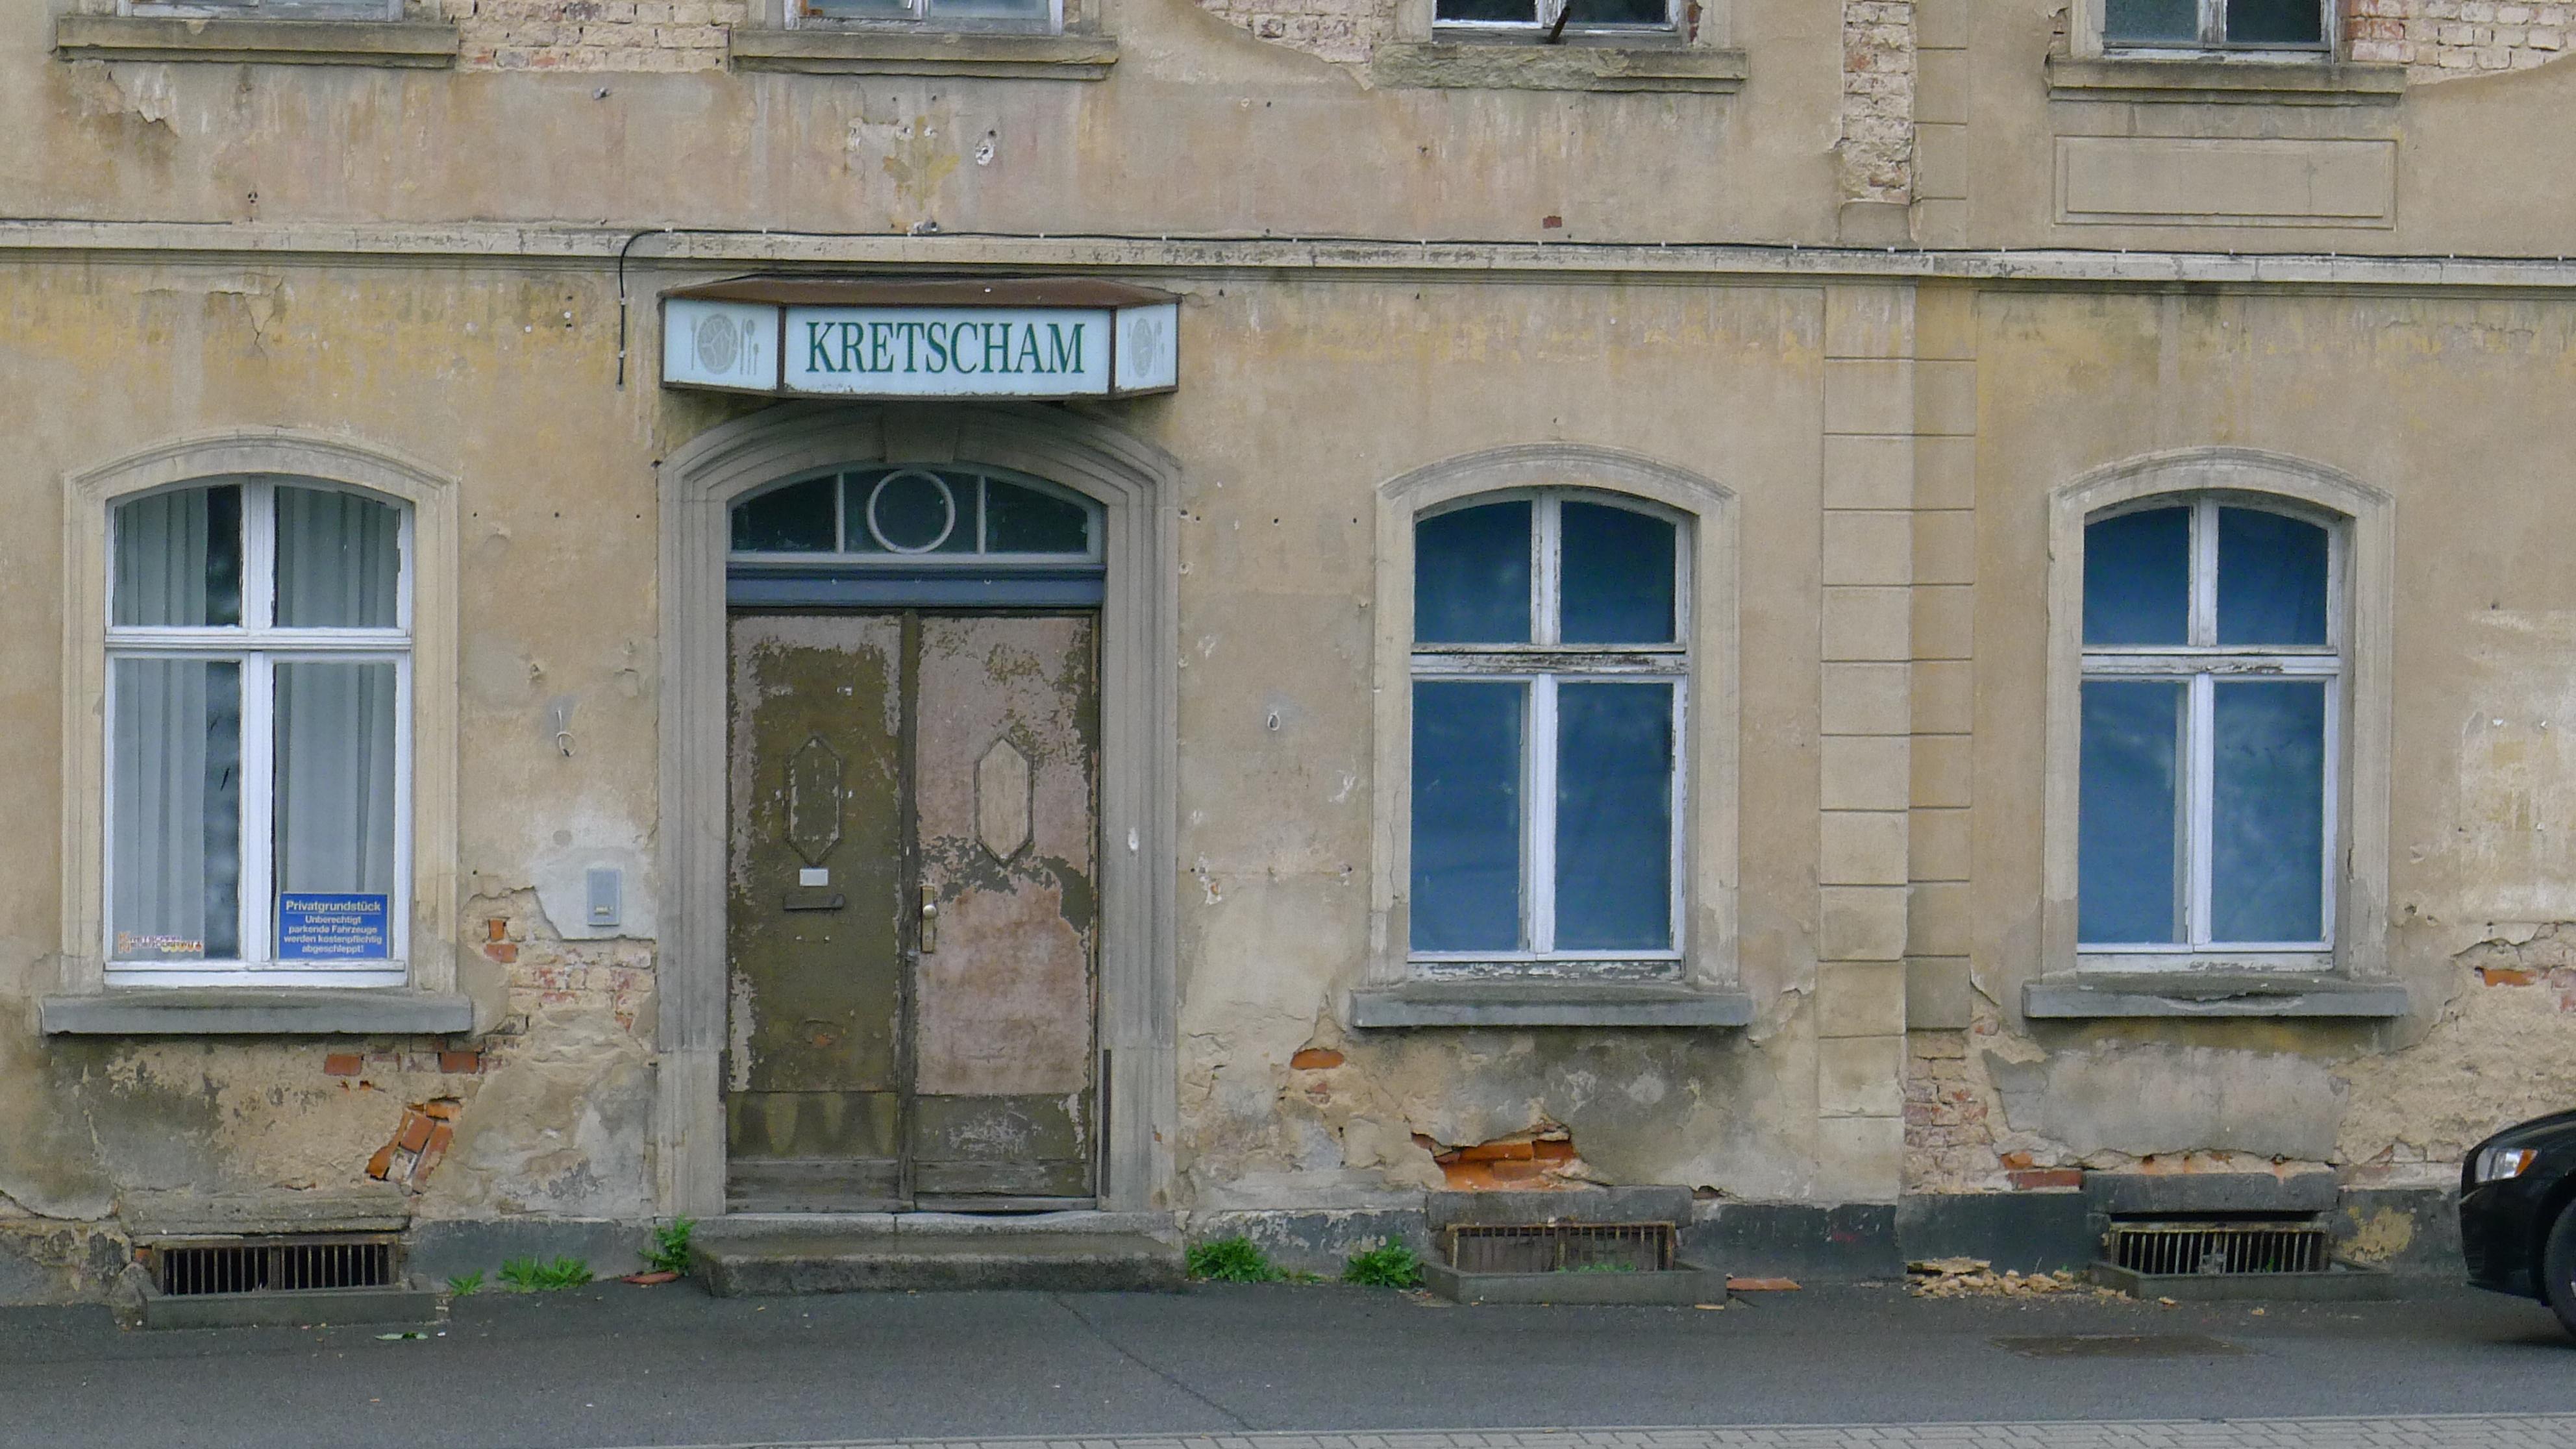 P1050215_Kretscham